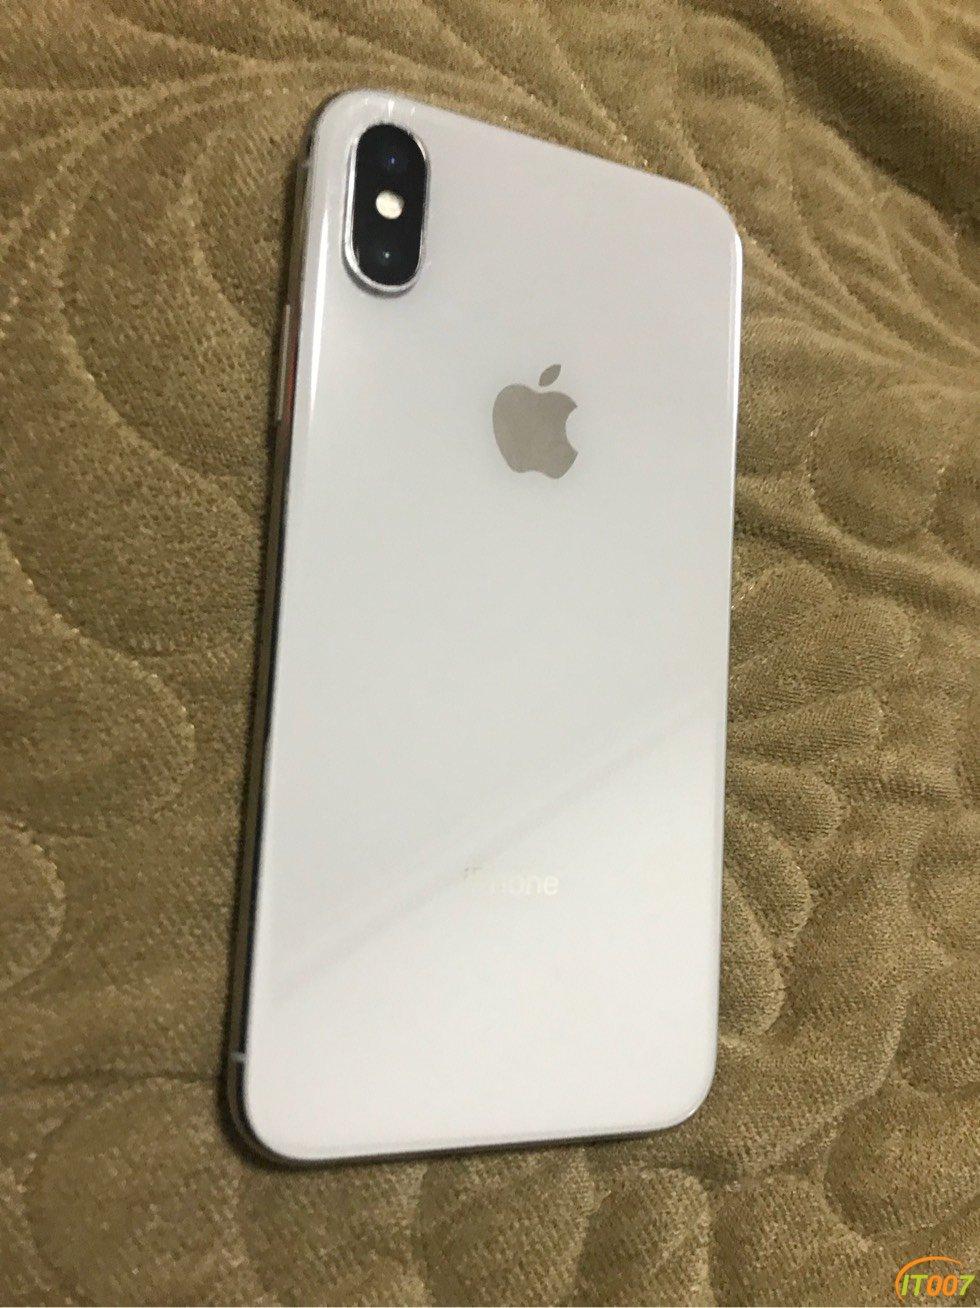 iPhoneX,日版,256G出售